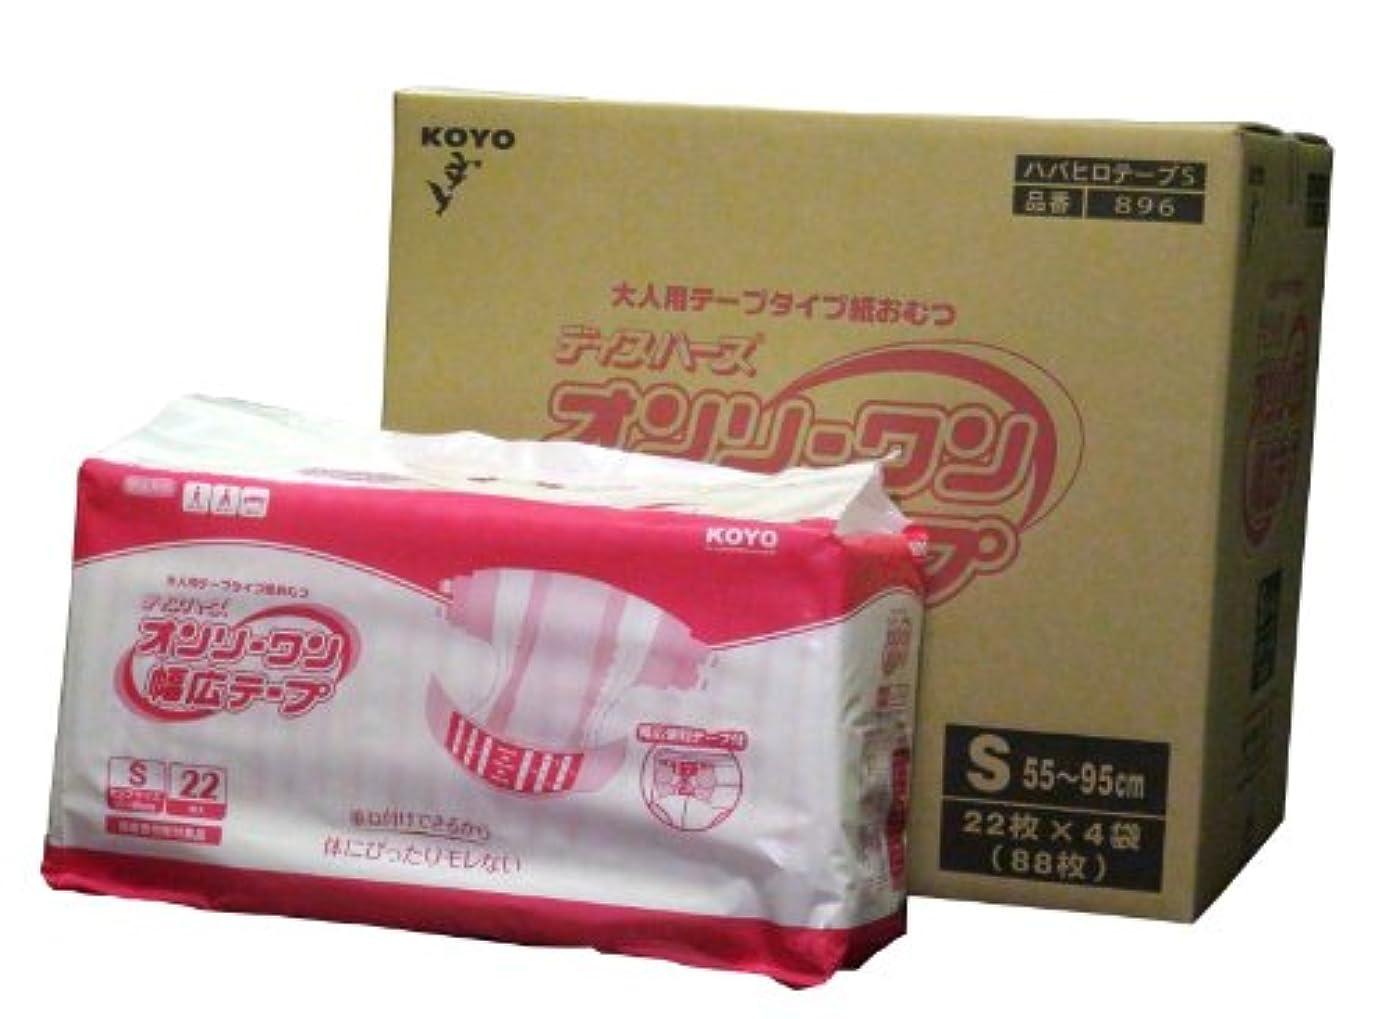 戦う労働正確にオンリーワン幅広テープ S 22枚×4袋(88枚)